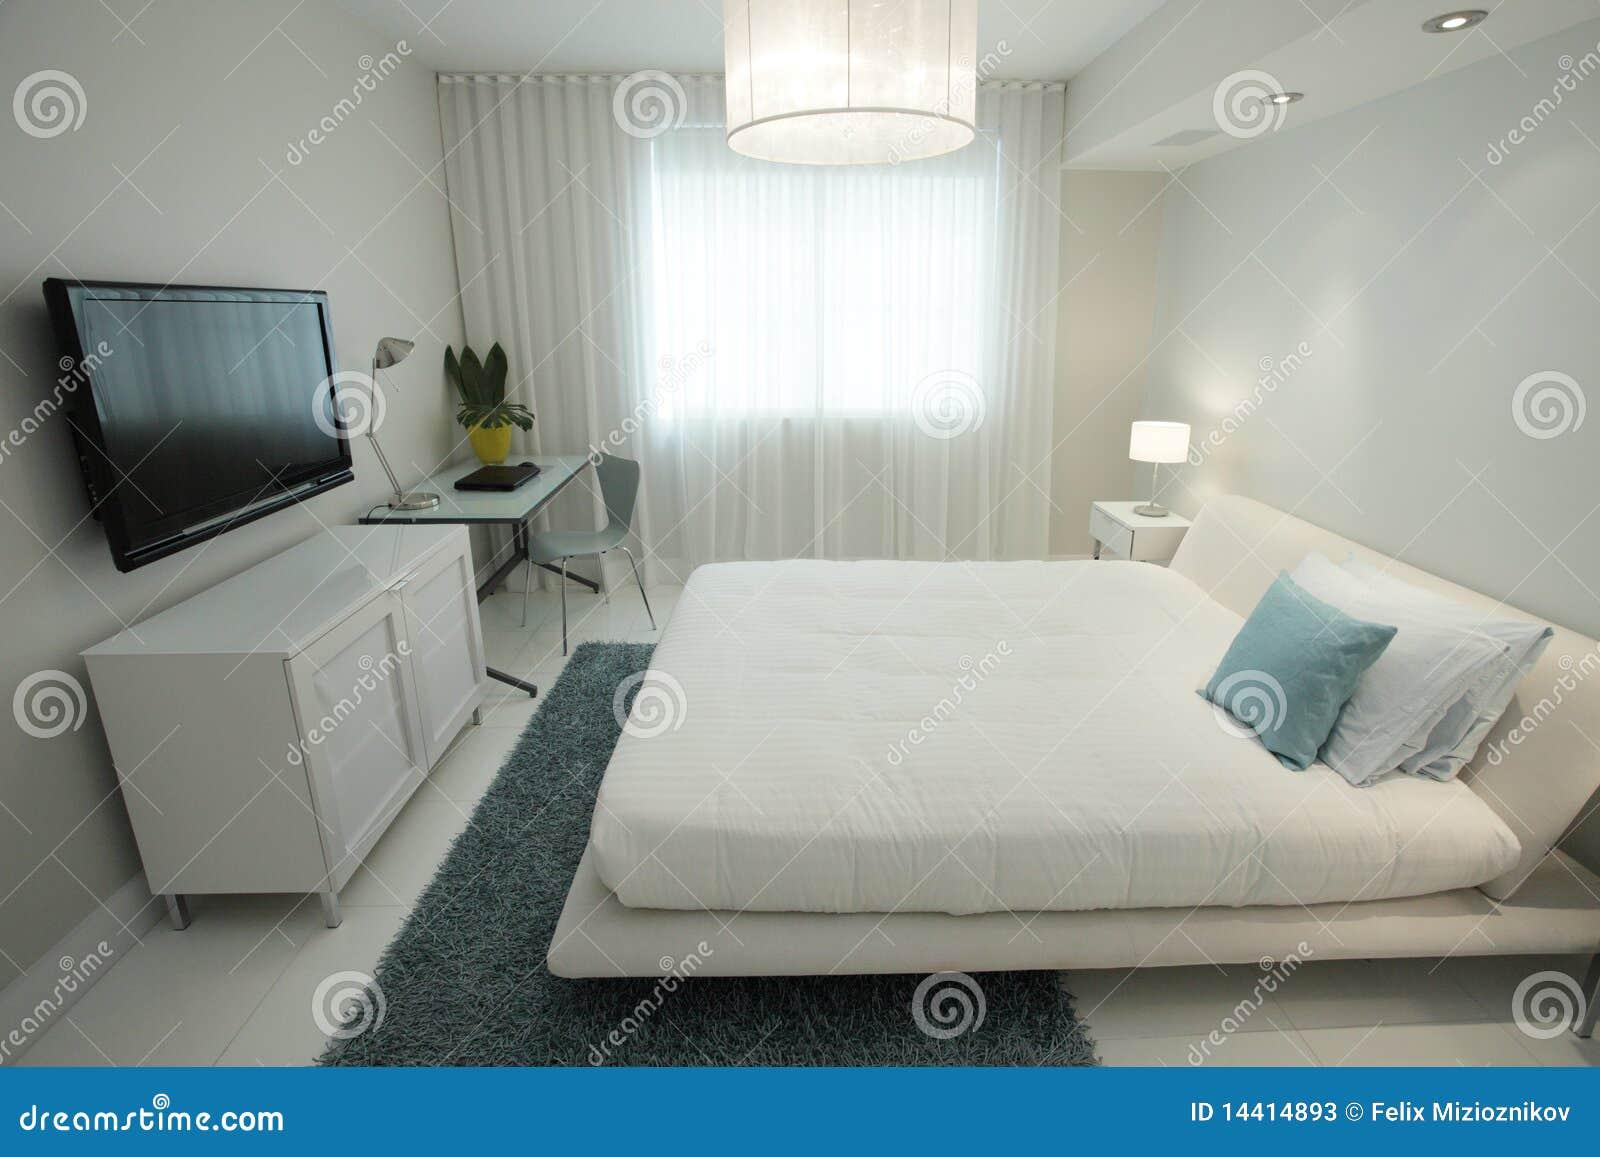 slaapkamer met een televisie hd stock afbeelding afbeelding bestaande uit slaapkamer. Black Bedroom Furniture Sets. Home Design Ideas